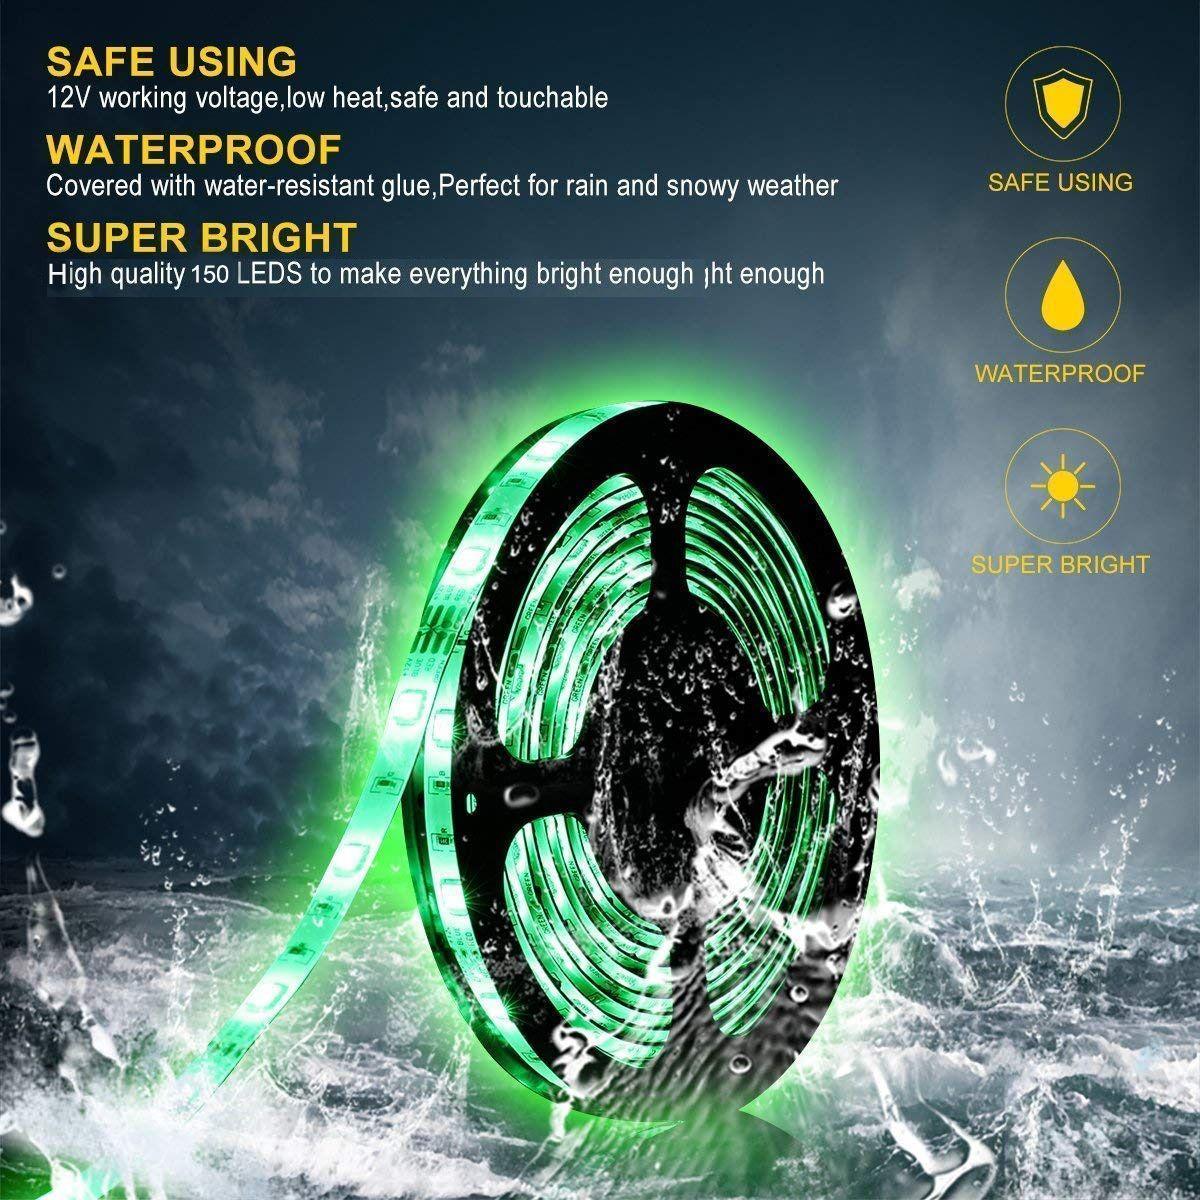 Waterproof Smart Wifi Strip Lights Striplights Diy Led Strip Lighting Waterproof Led Led Light Strips